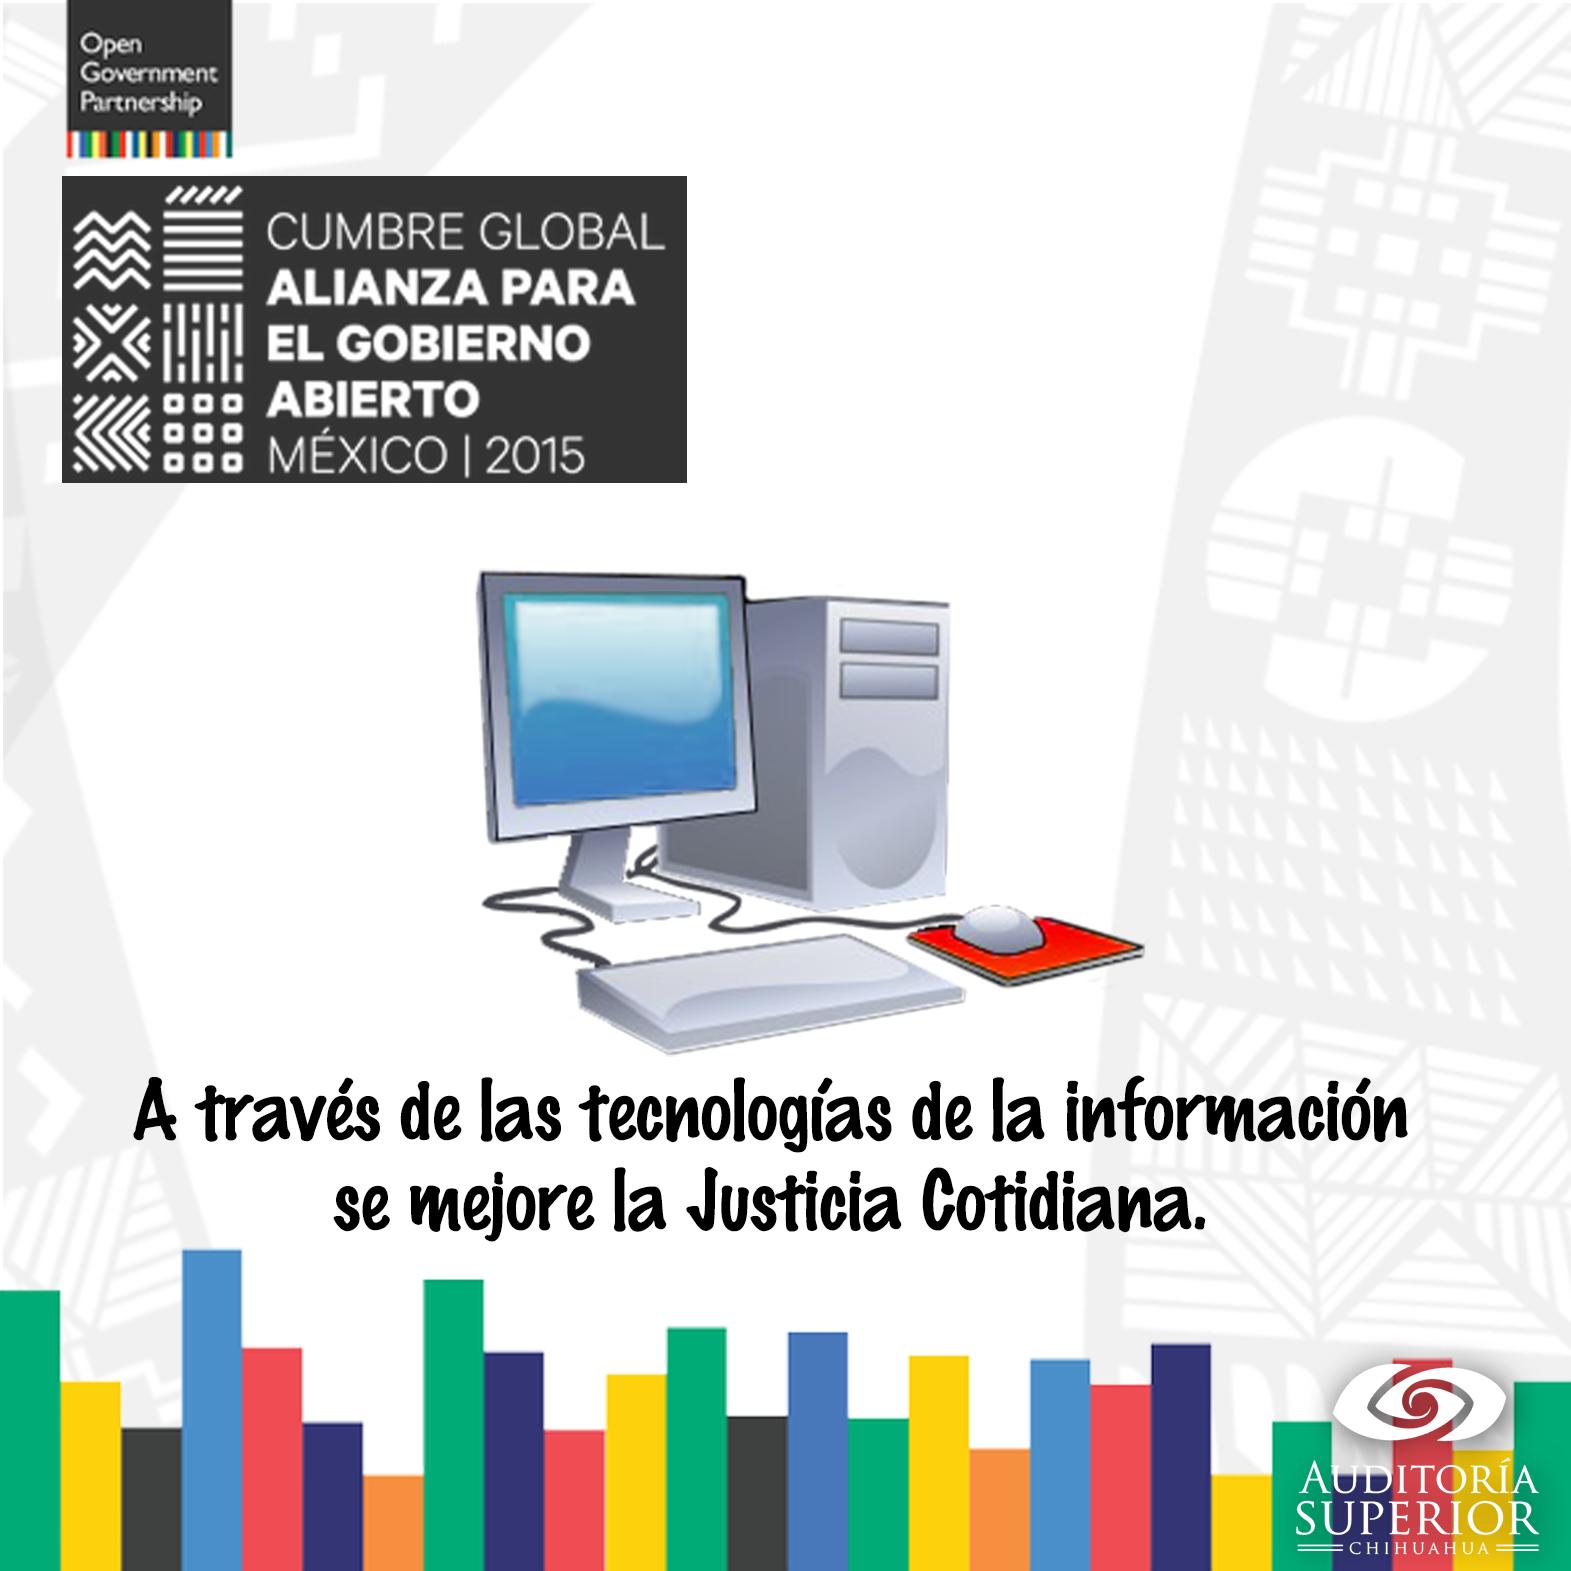 Proyectos #GobiernoAbierto 2016-2018: Con las TI se mejore velocidad, certeza y transparencia de Justicia Cotidiana https://t.co/2gnN5l4fmo